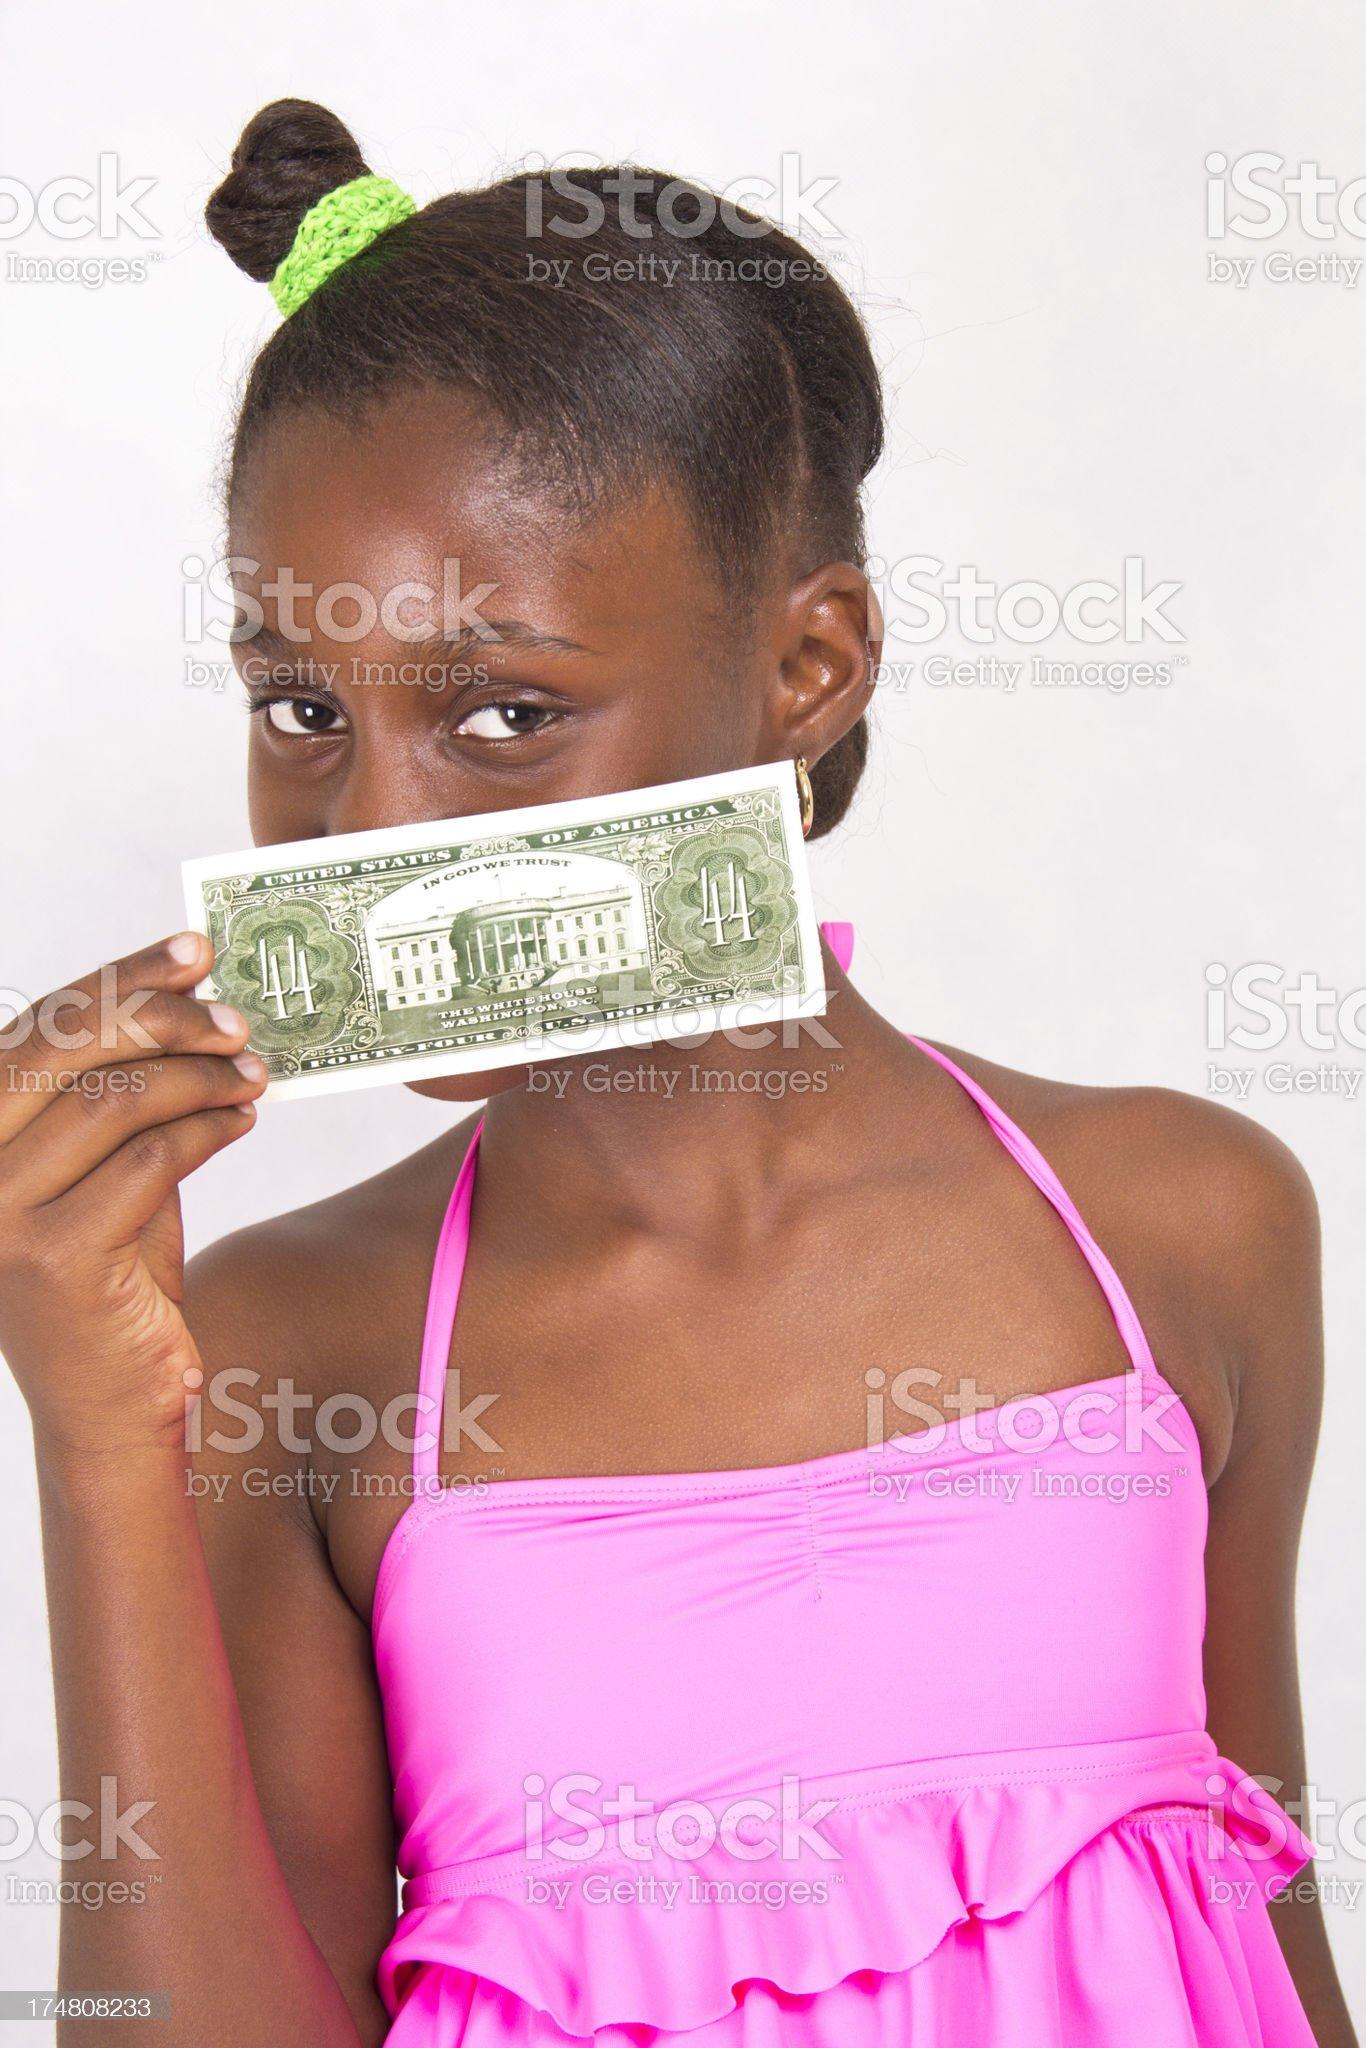 New Bill royalty-free stock photo